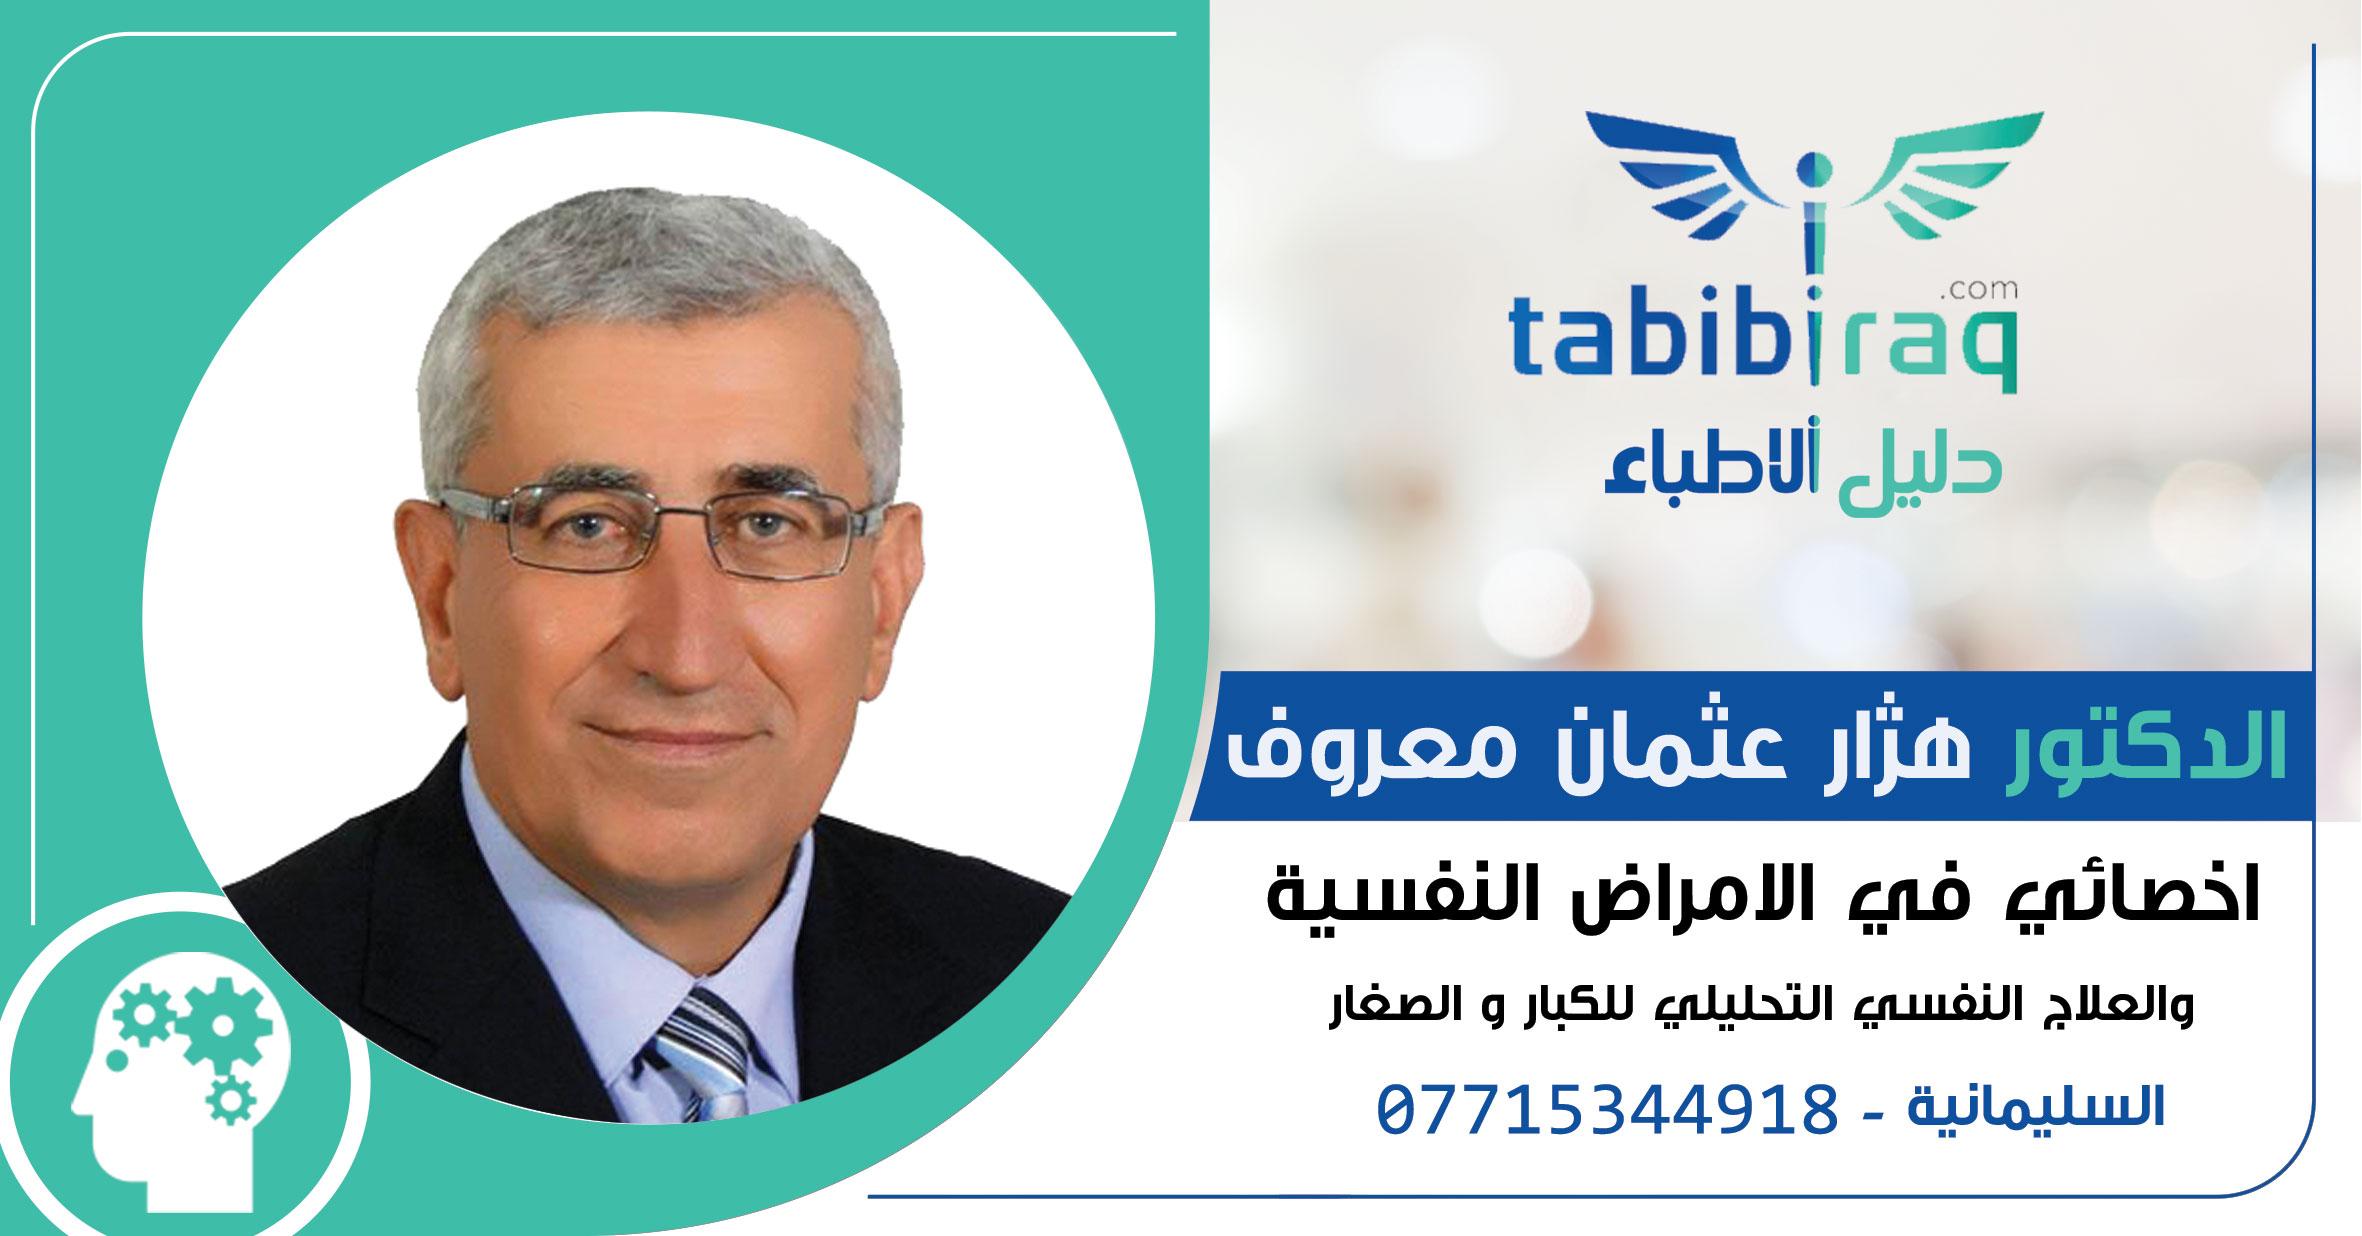 الدكتور هژار عثمان معروف